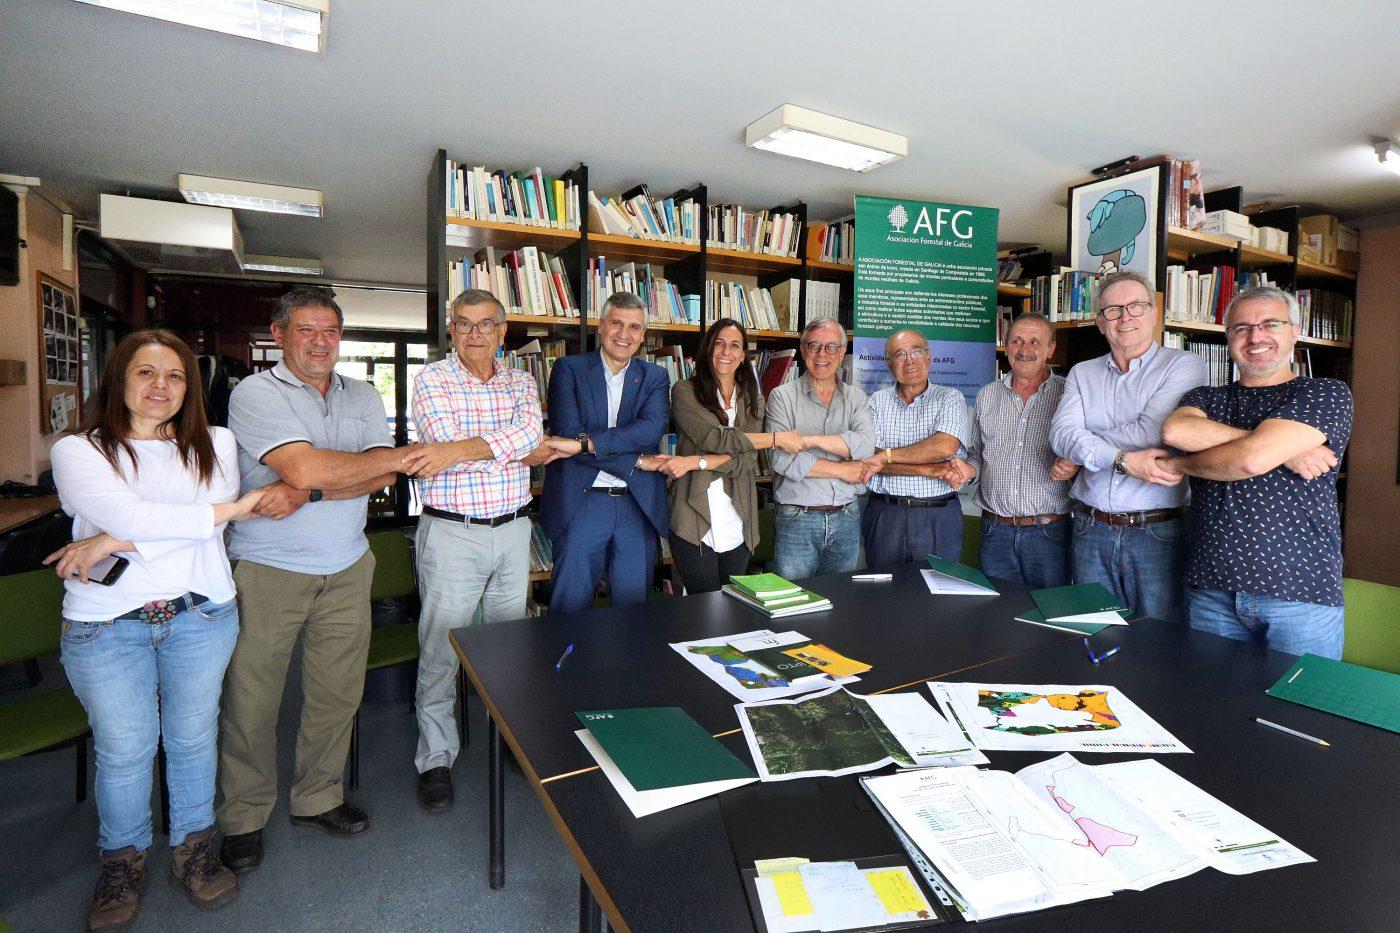 AFG impulsa la restauración de montes afectados por los incendios de 2017